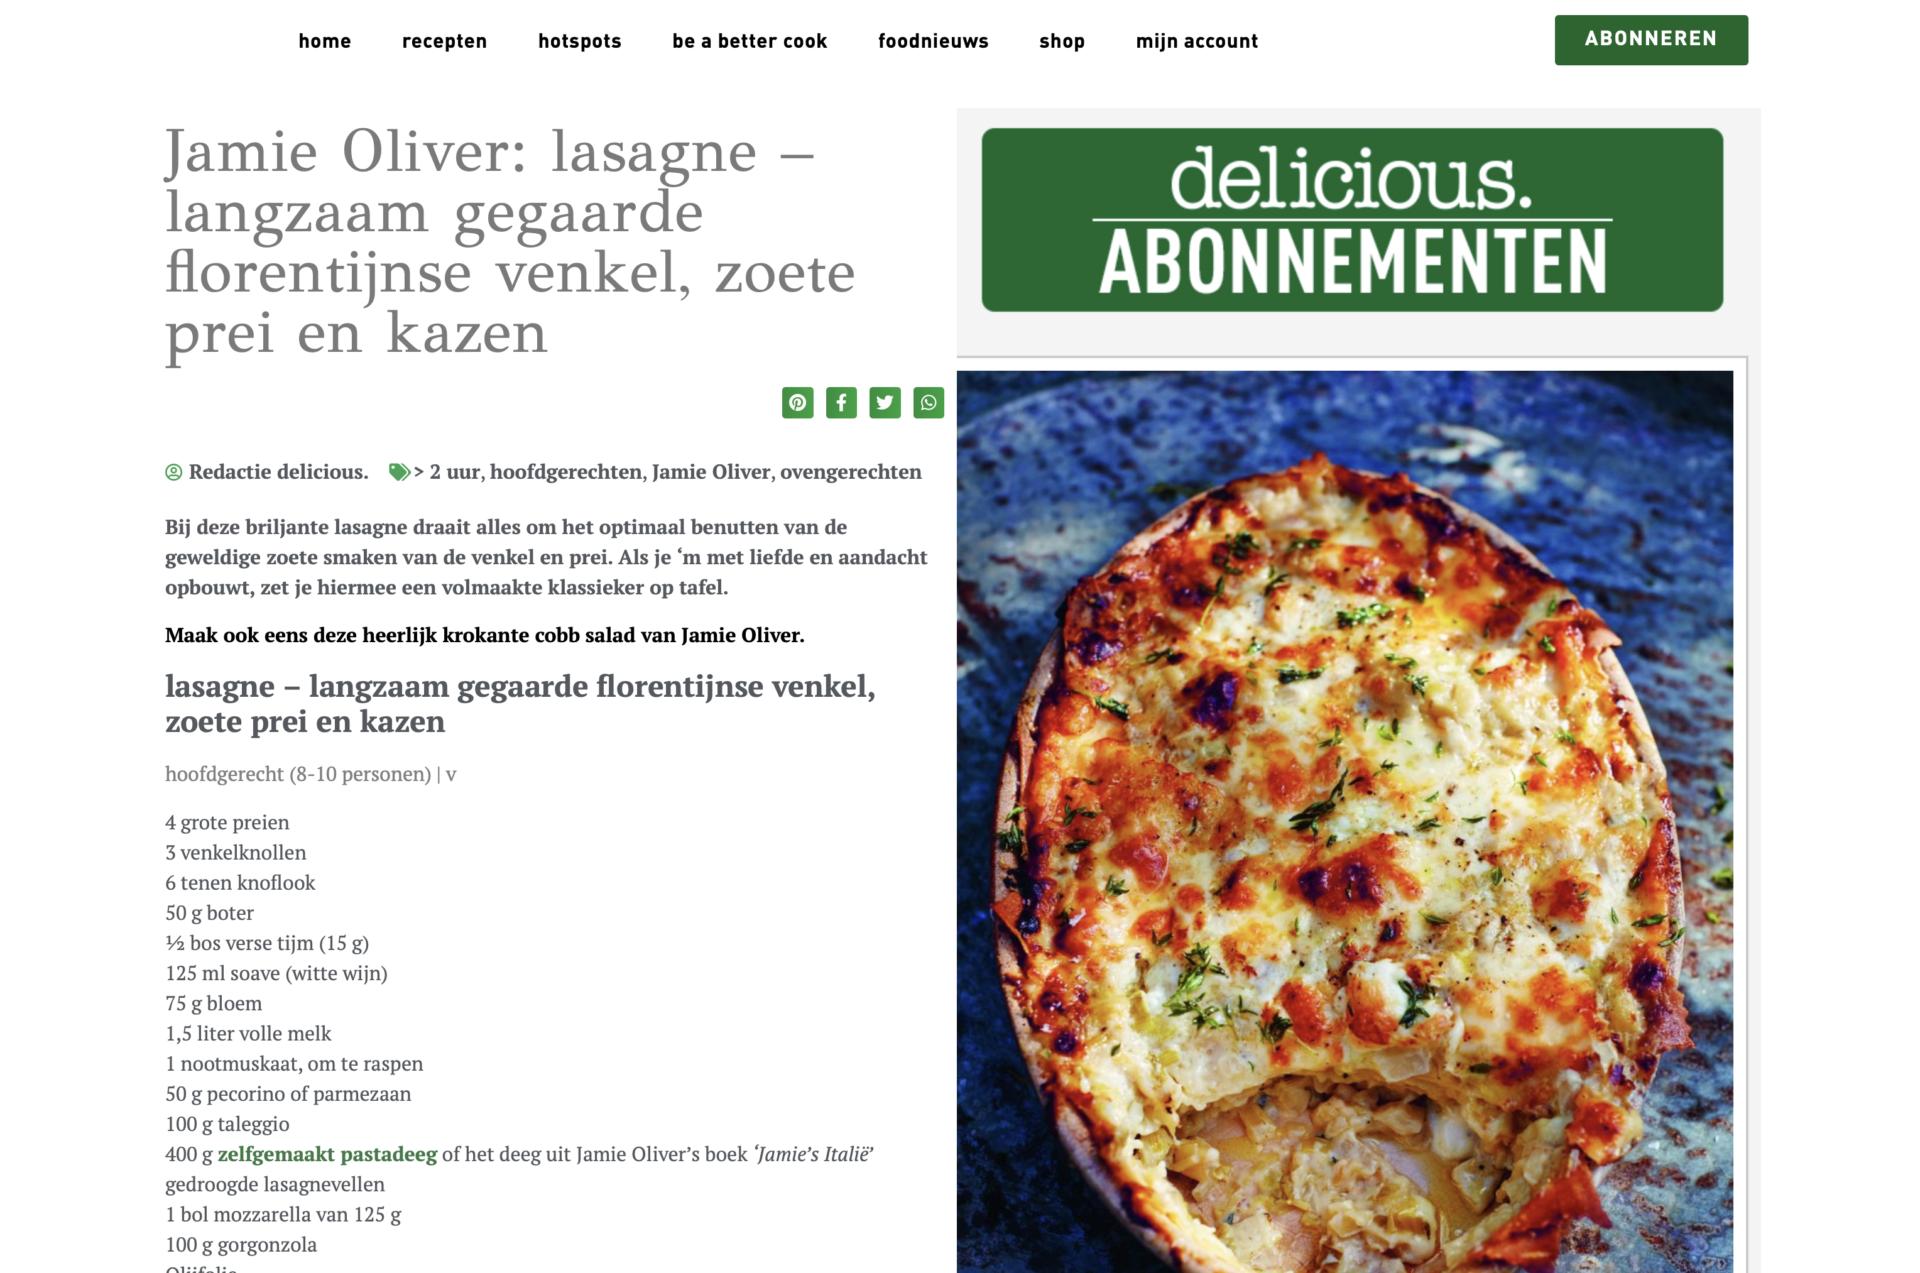 Een screenshot van een recept op de website van het magazine delicious.